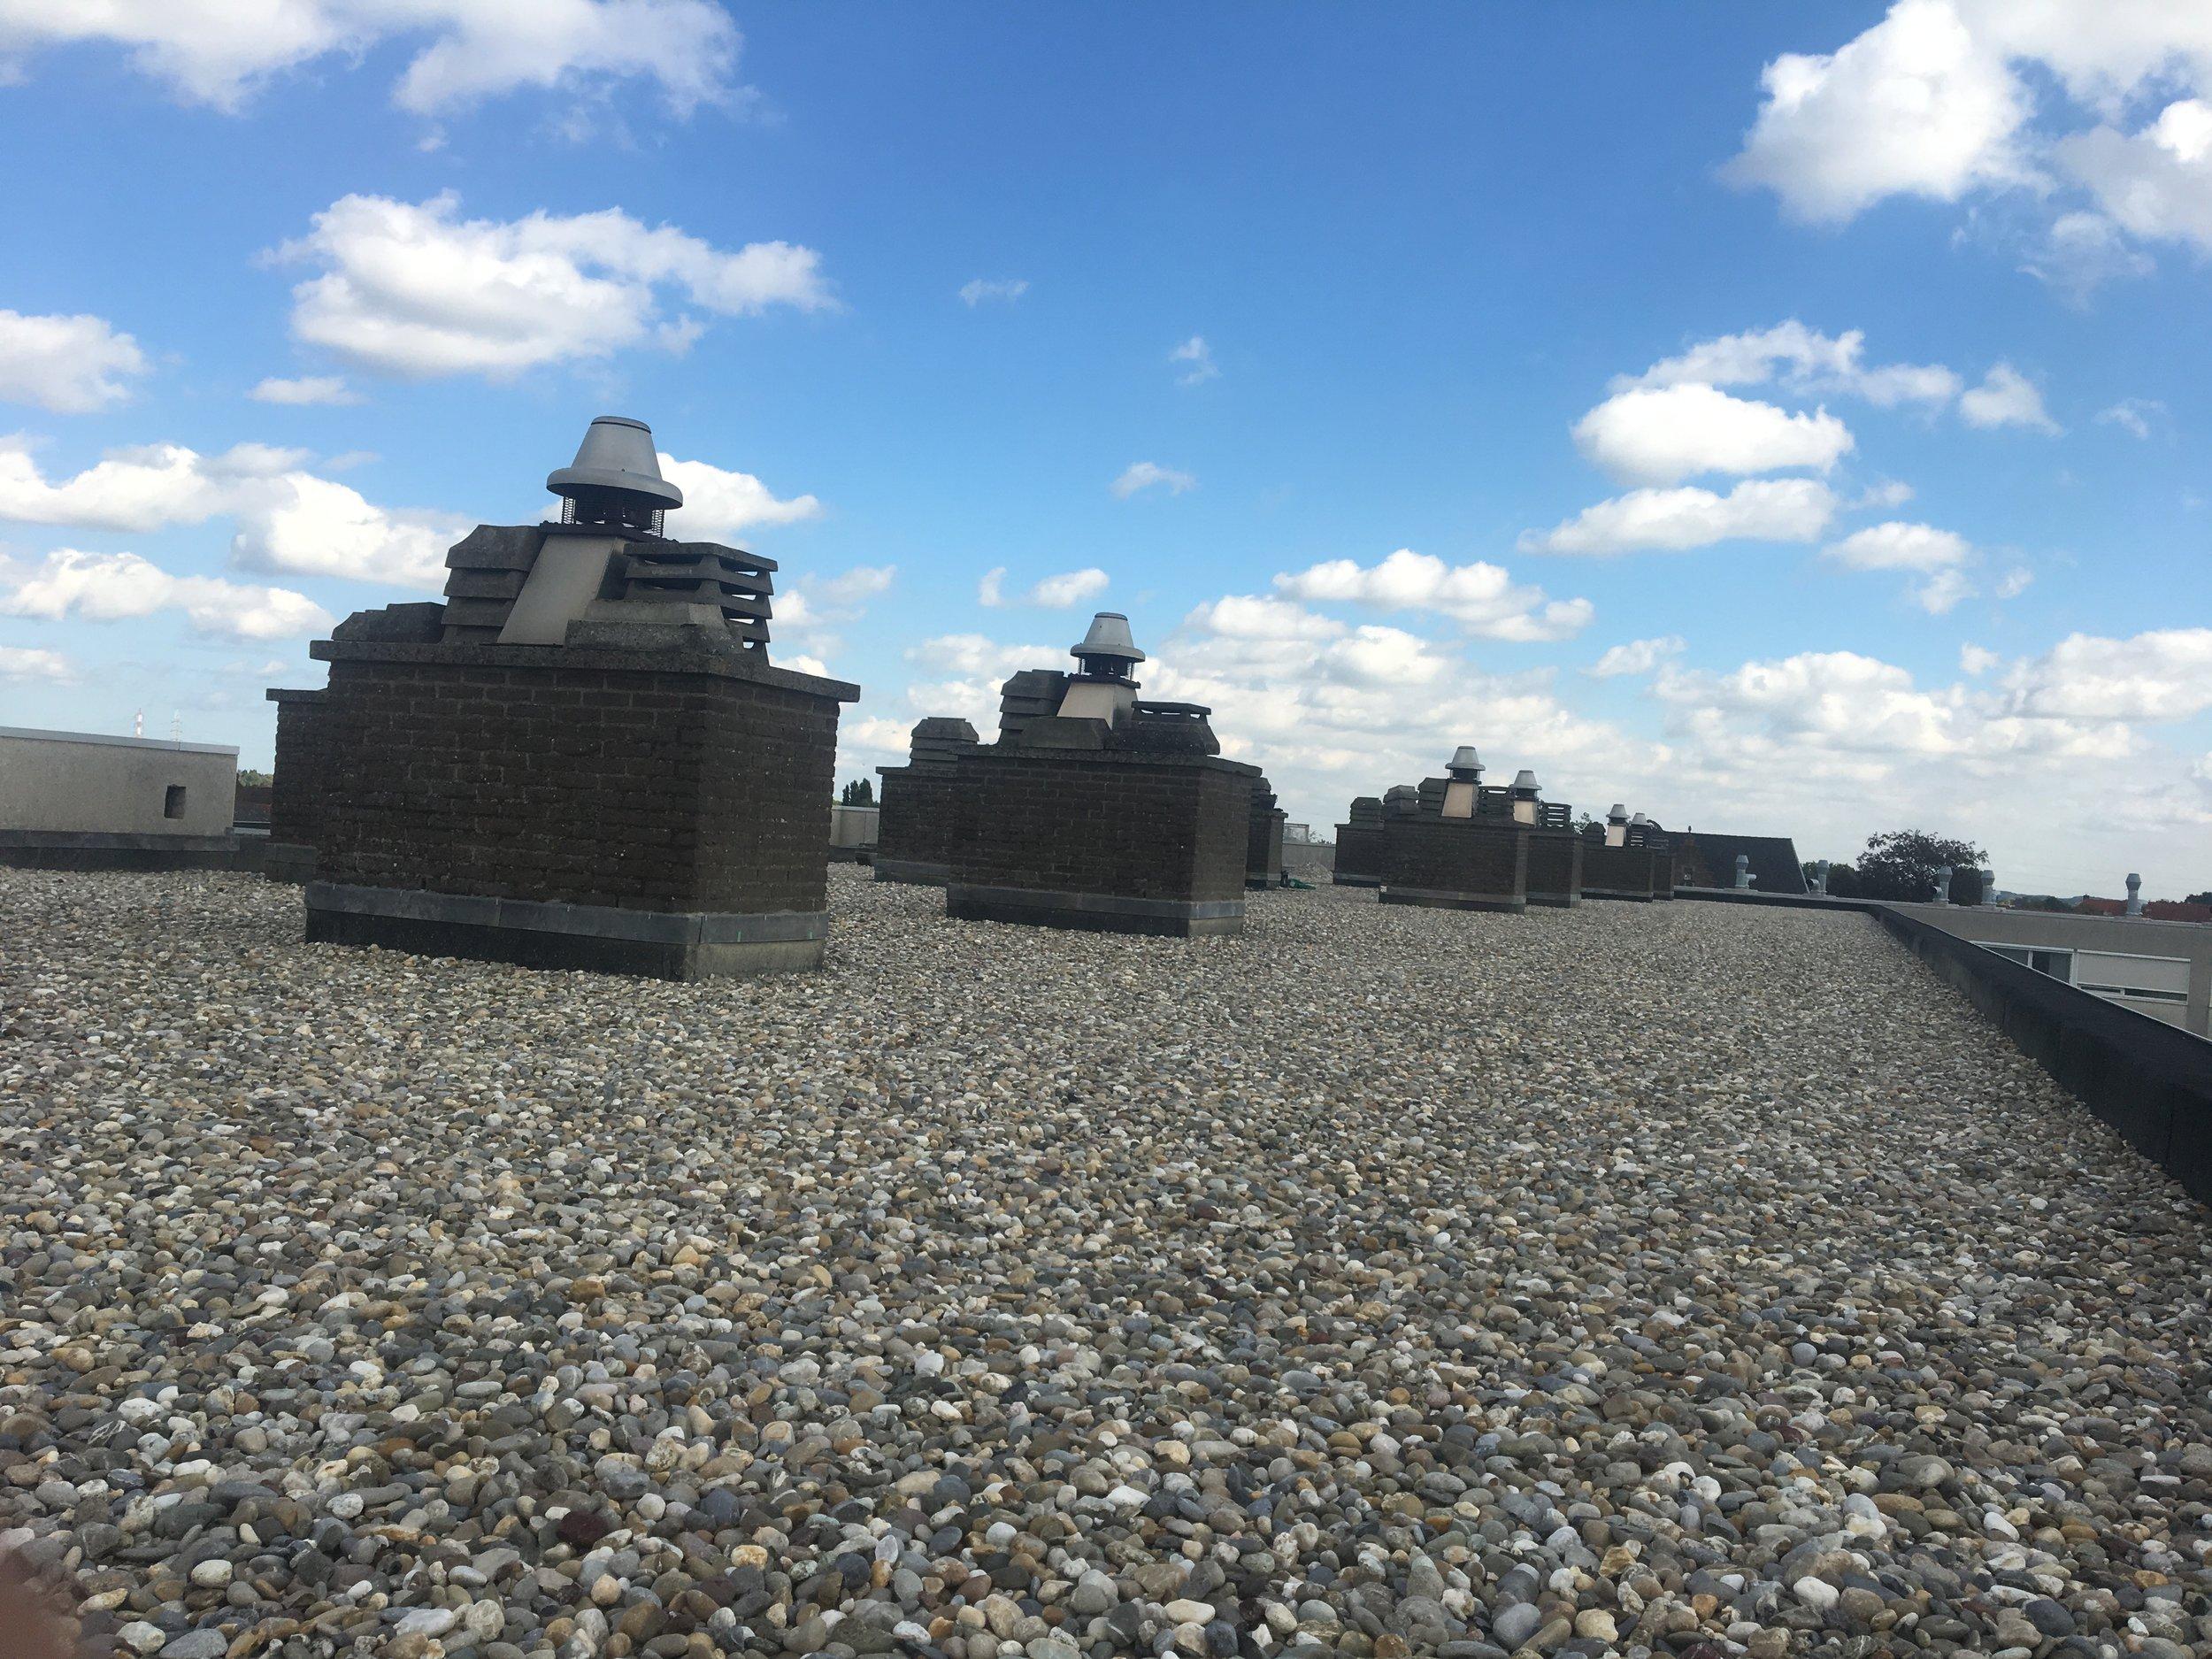 Dakwerken platte daken Kust.jpg